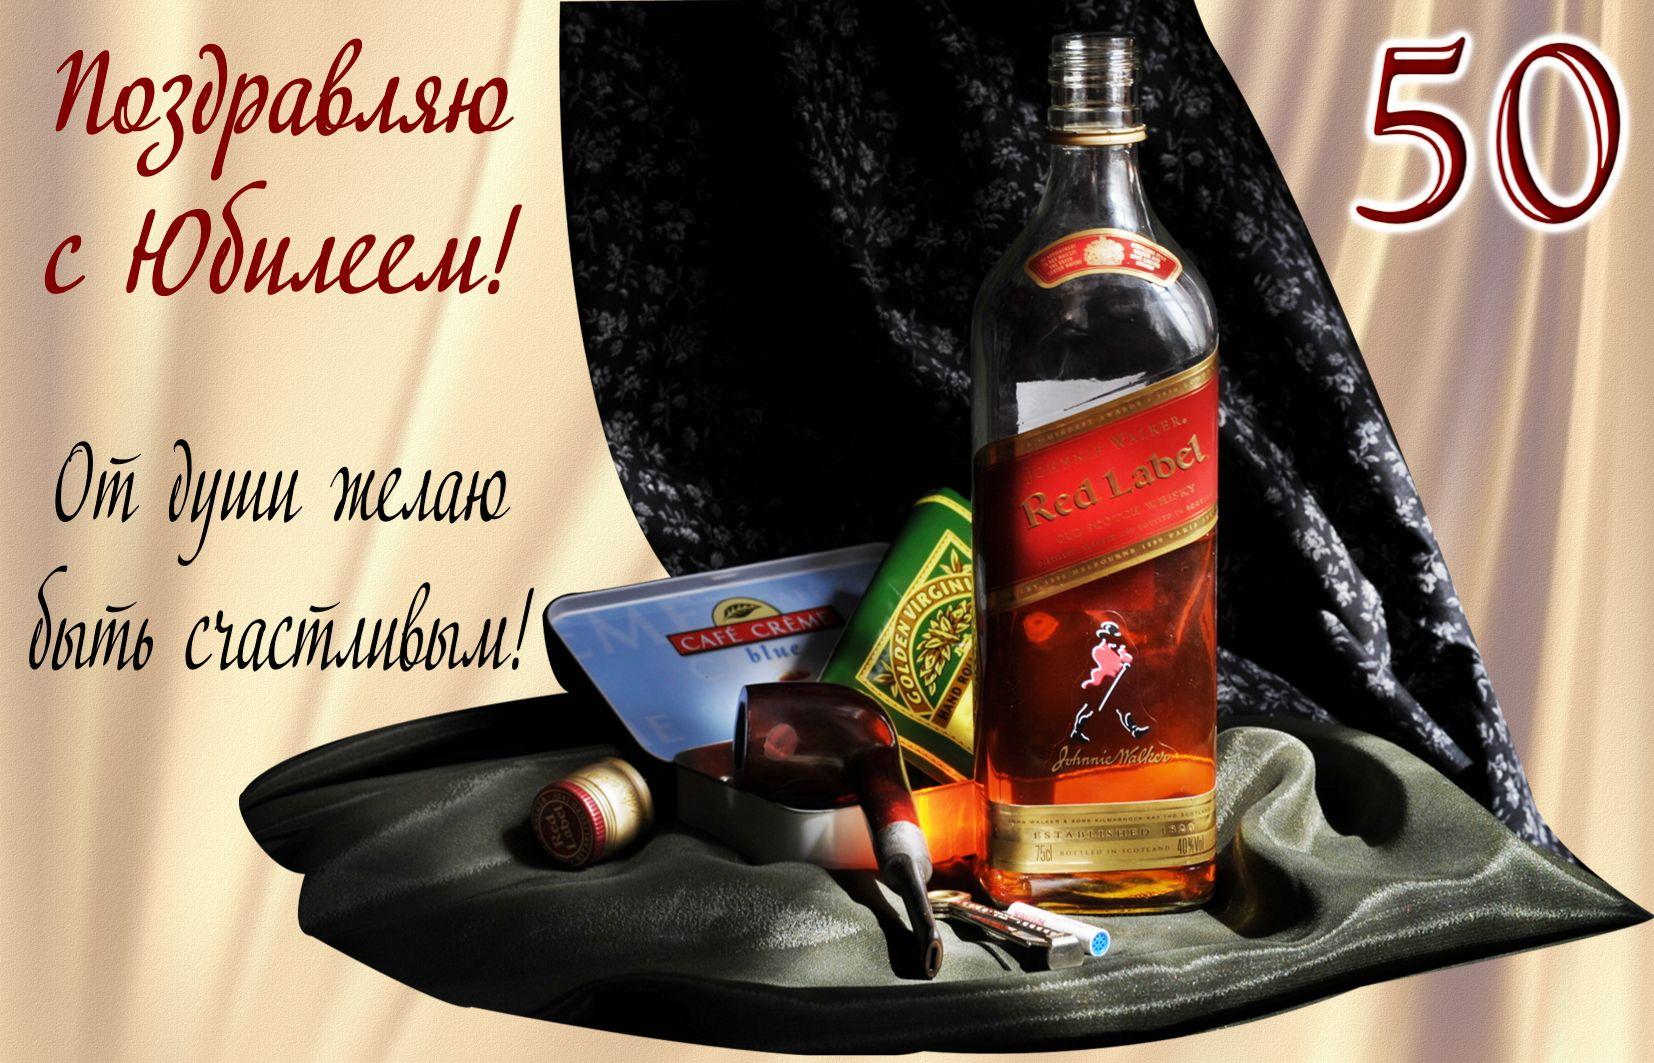 Открытка на юбилей 50 лет - виски и табачные принадлежности на черном бархате